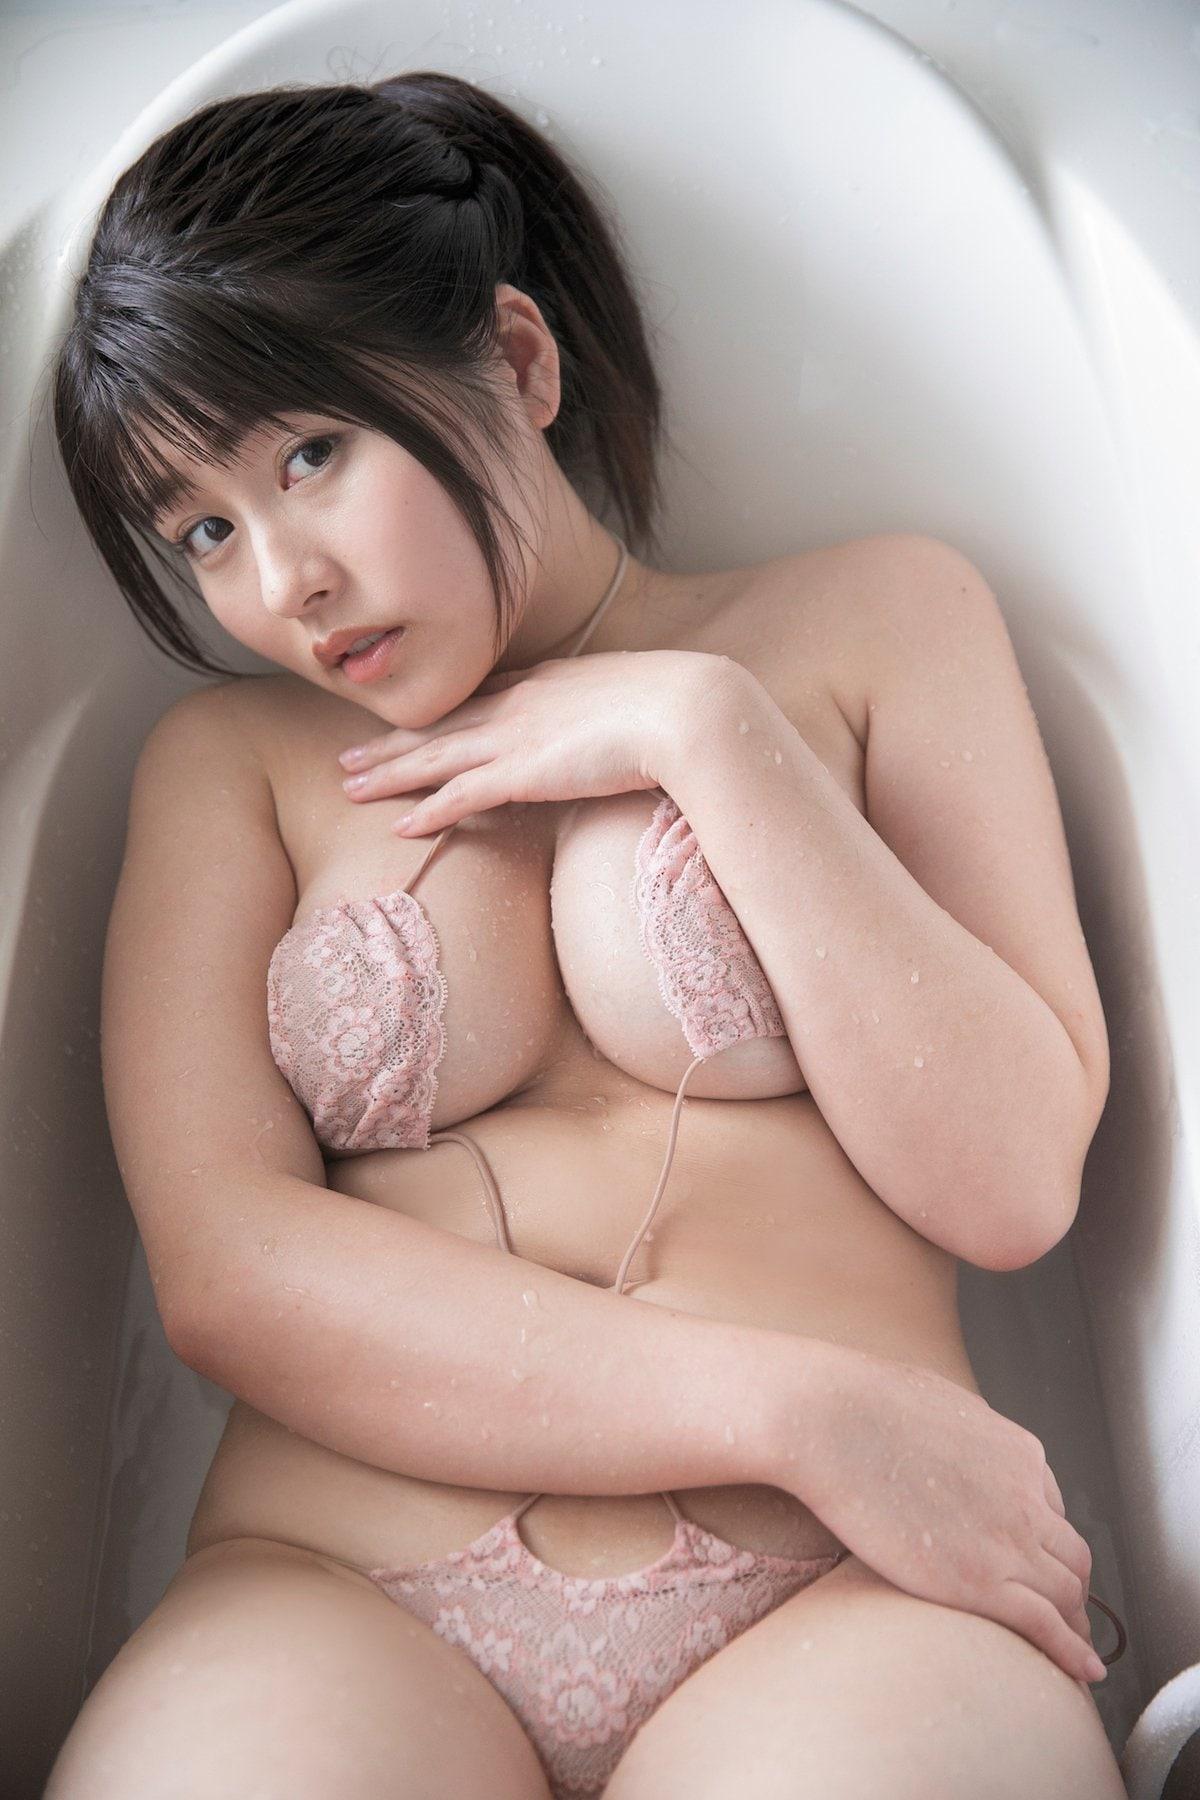 ちとせよしの「美少女巨乳界のトップランナー」豊満ボディが降臨!【画像8枚】の画像008